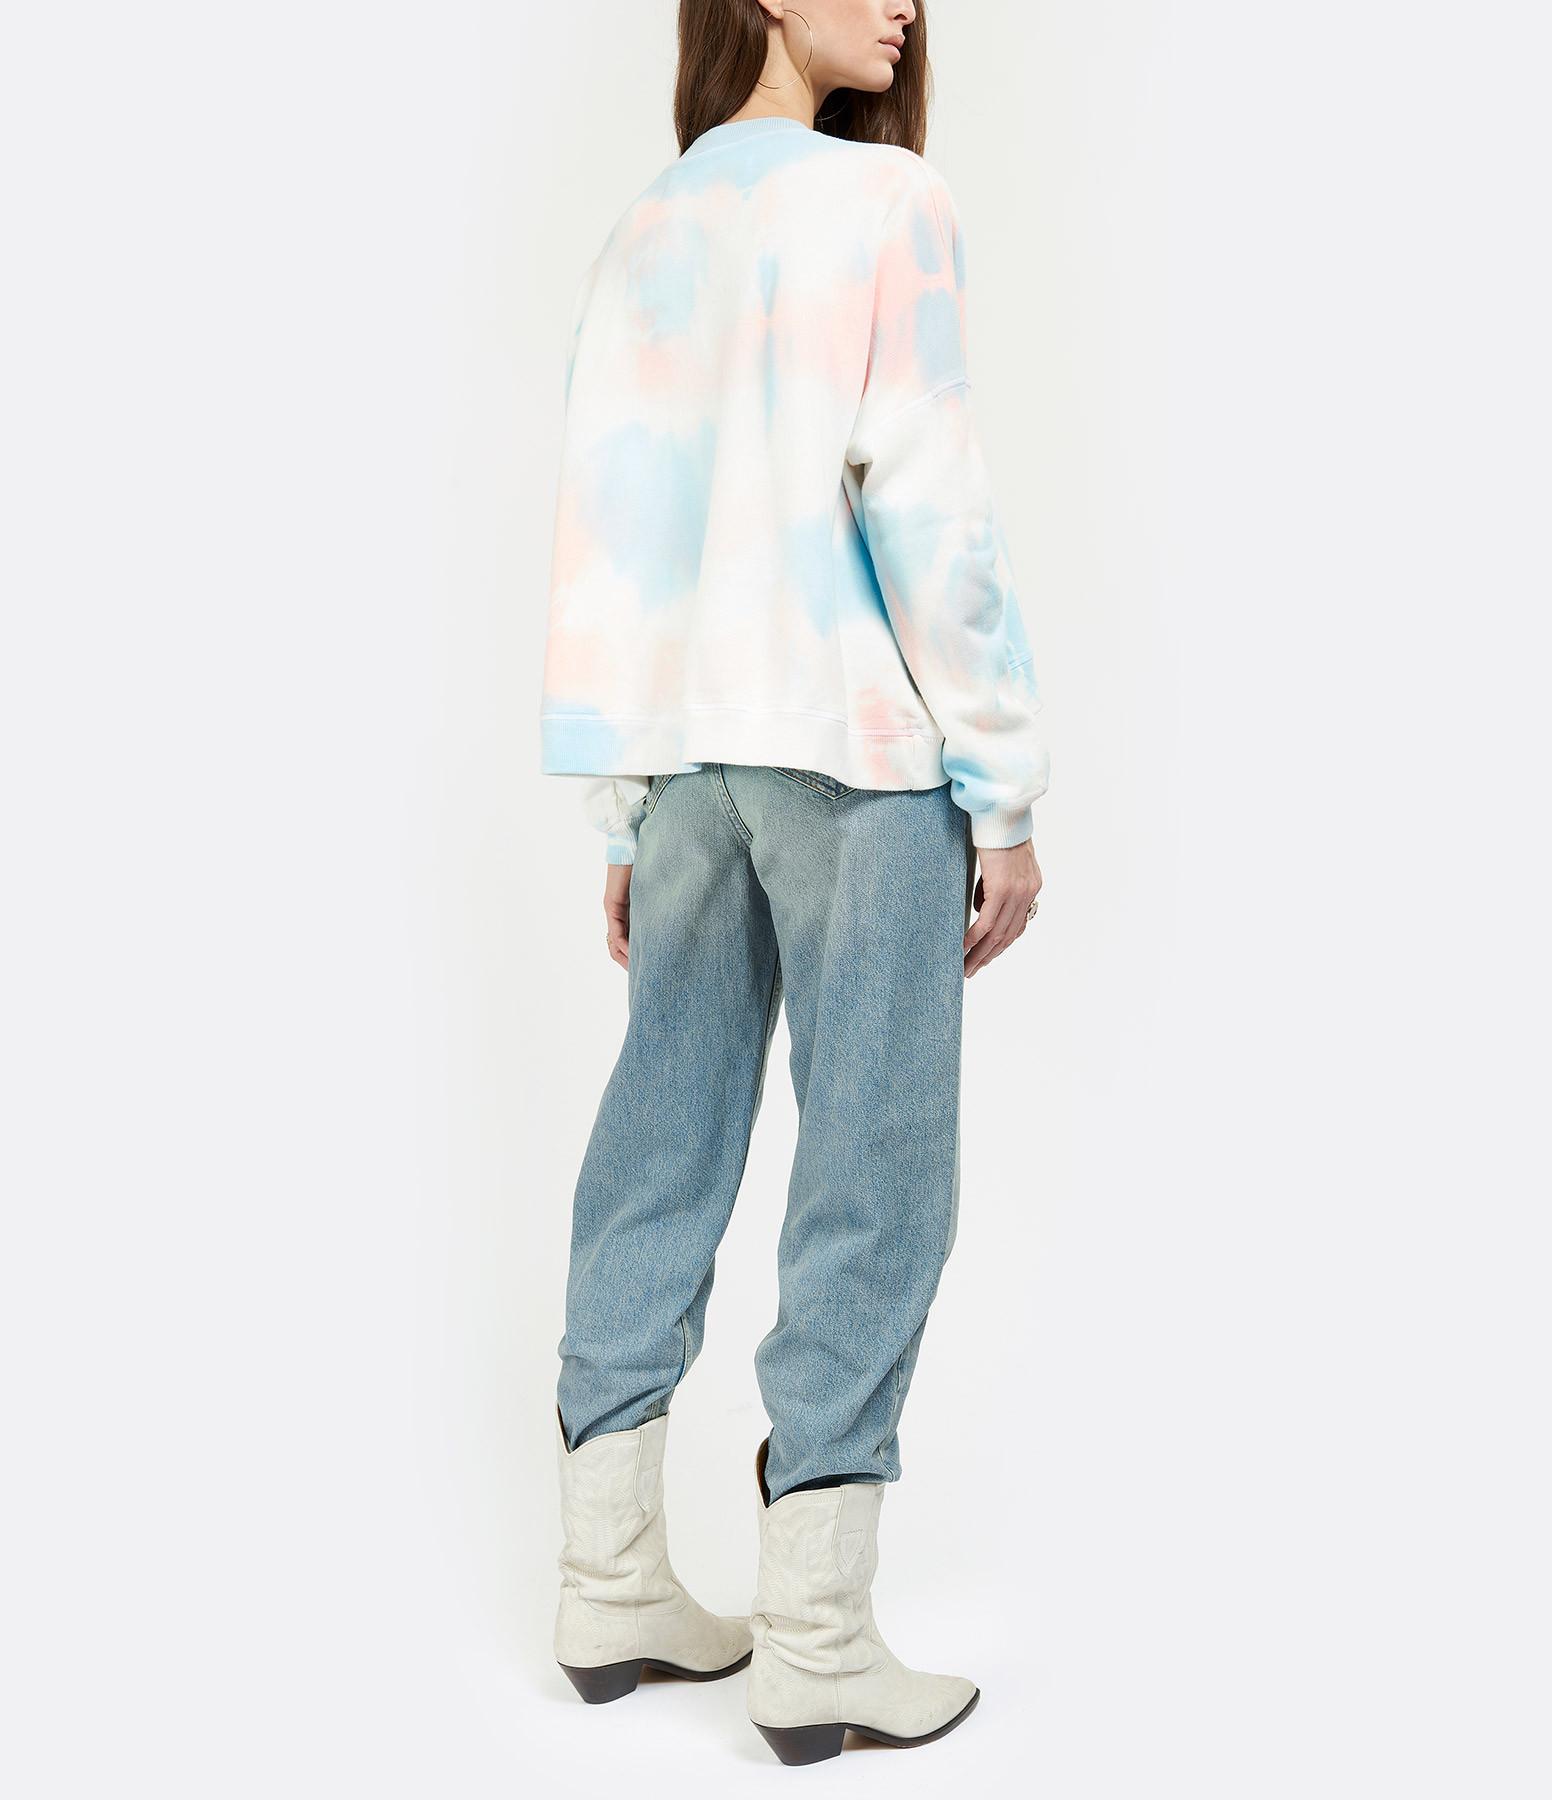 MARGAUX LONNBERG - Sweatshirt Sam Coton Tie & dye, Exclusivité Lulli